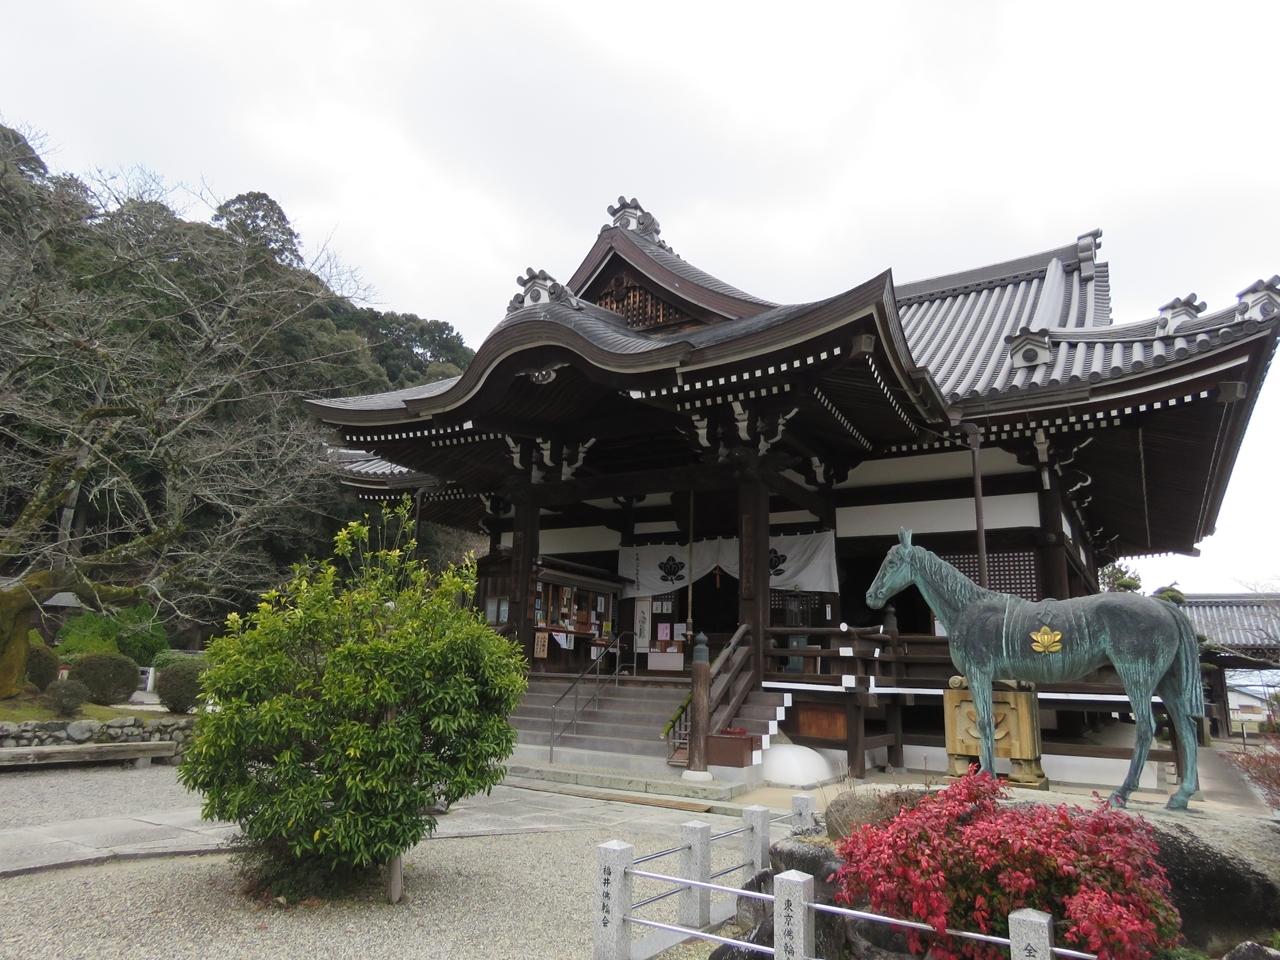 s-橘寺 200210